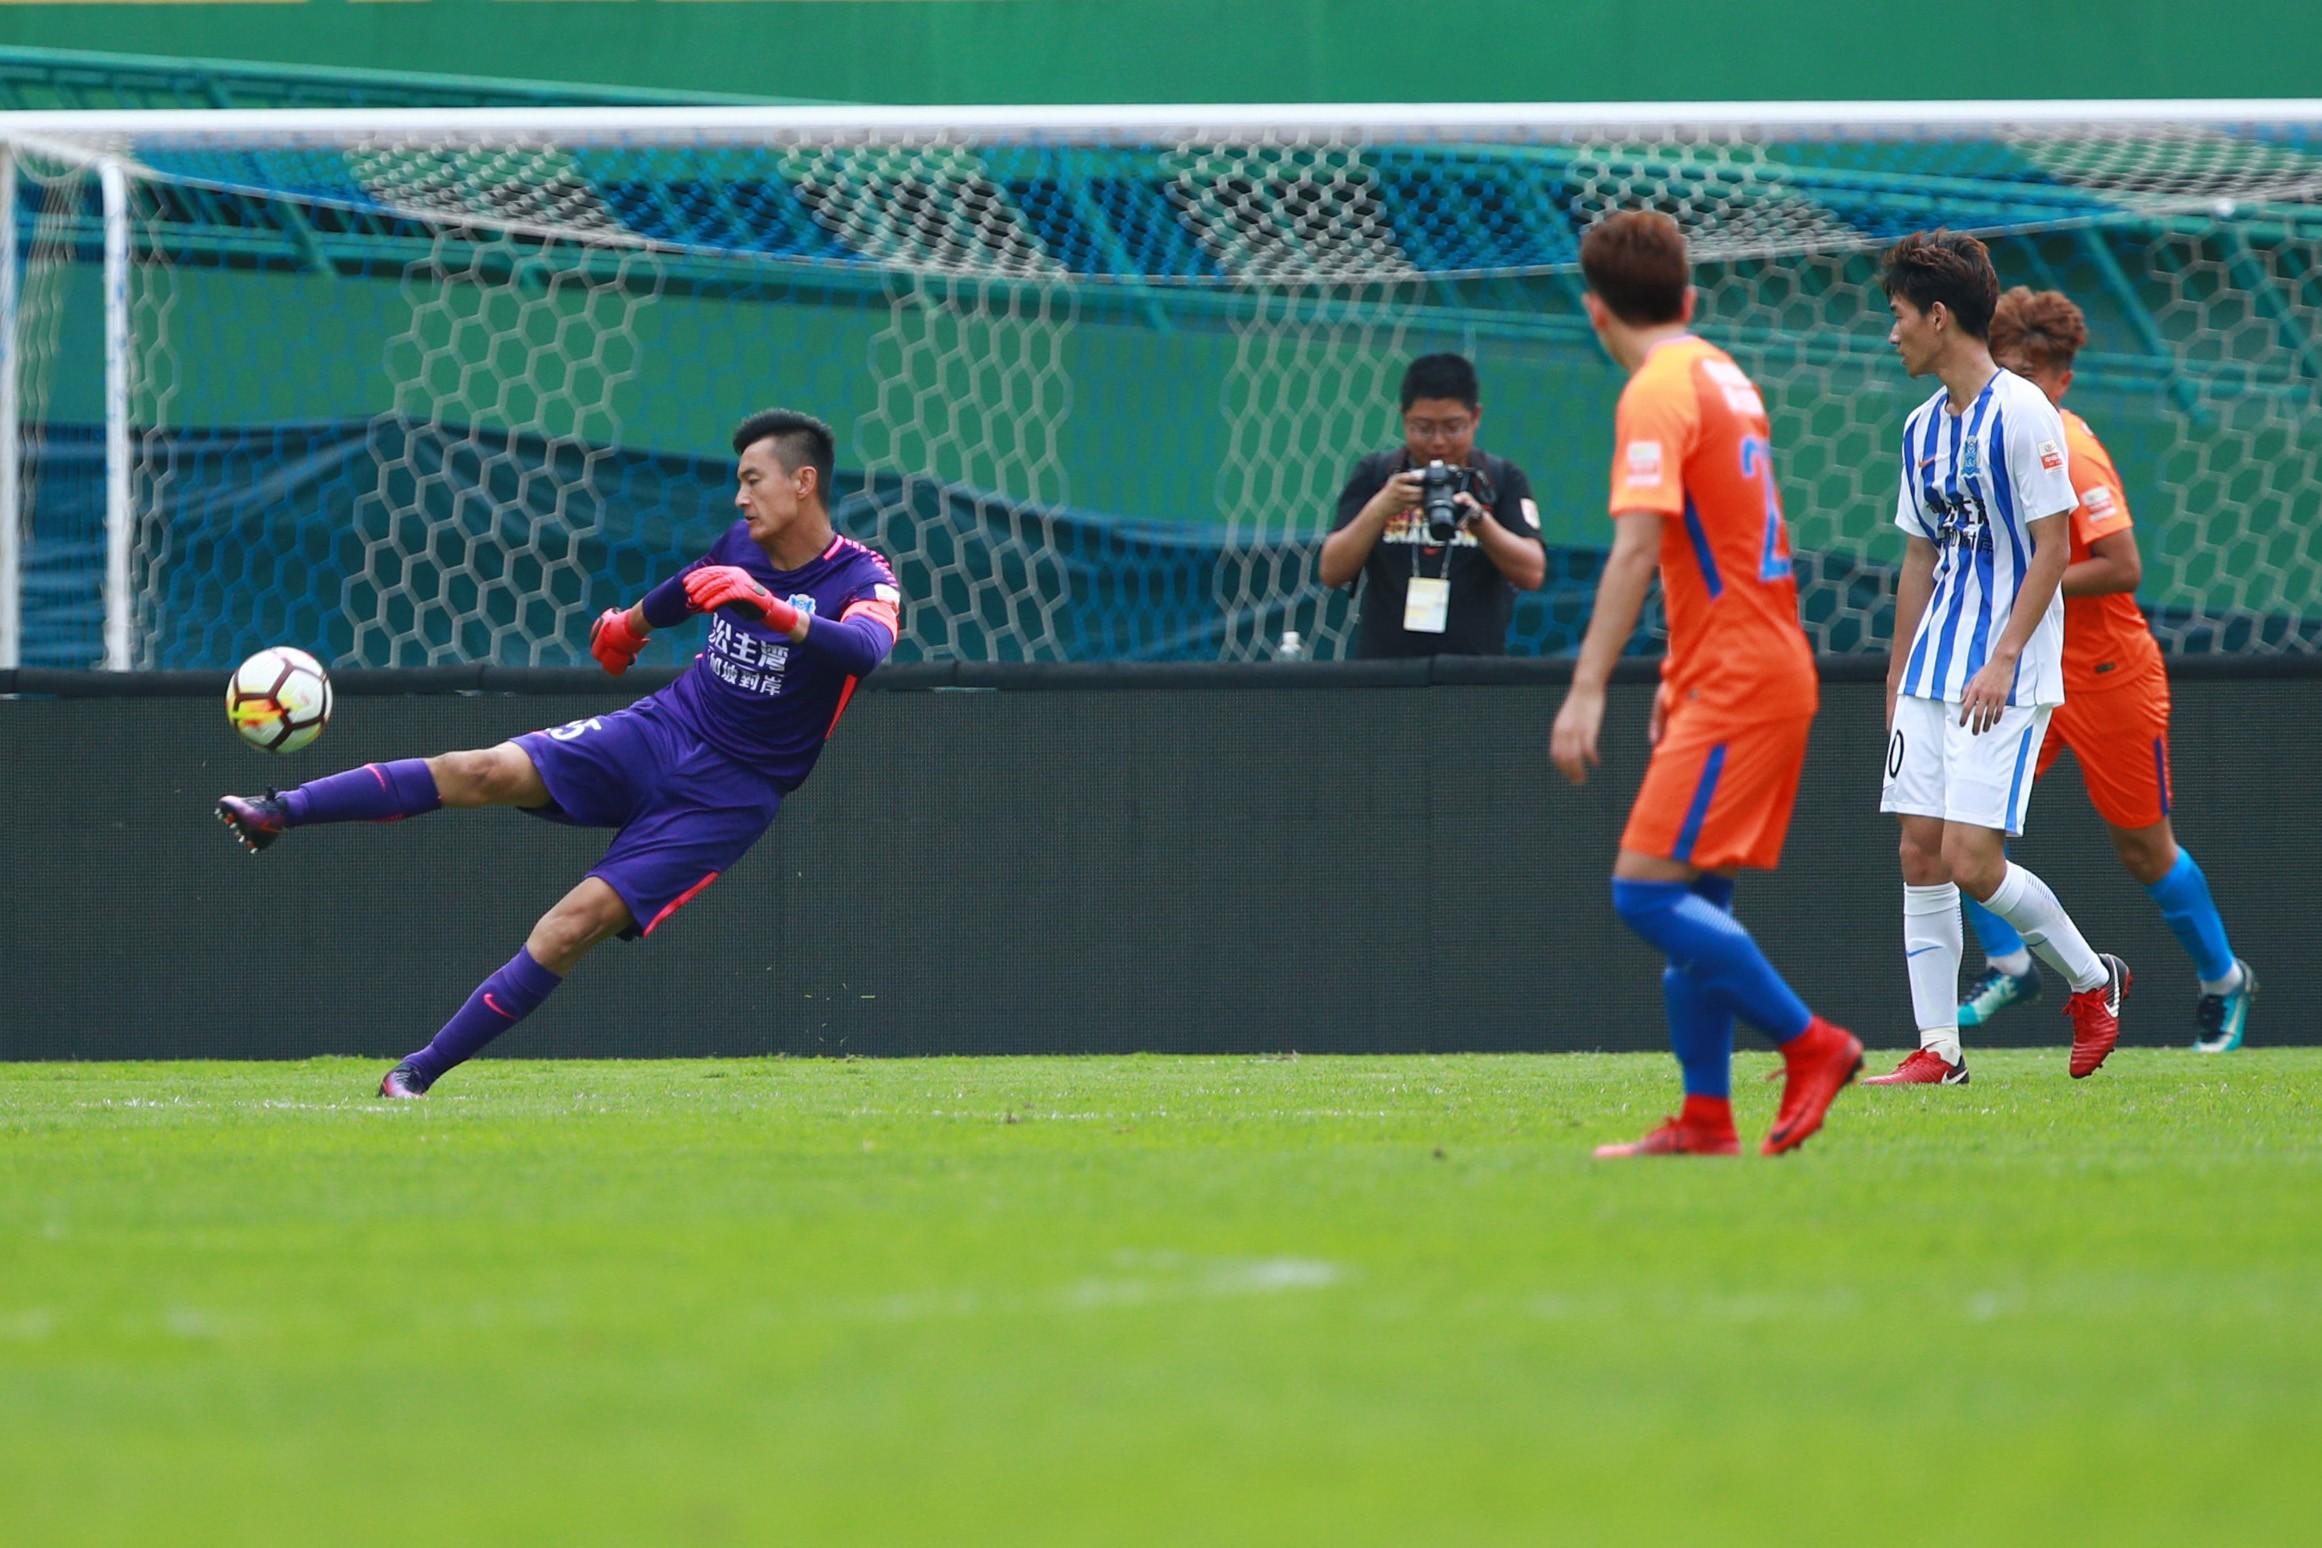 中超预备队联赛今天进行了第7轮比赛,广州富力在越秀山体育场1比3不敌山东鲁能,外援佩洛维奇在比赛中打入一球。这是他加盟球队后第一次破门。   本场比赛首发阵容。 山东鲁能一直是预备队联赛的绝对强队,本赛季前6轮他们取得全胜,但因为首轮2比1击败北京国安的比赛中,下半场同时在场的U23球员不足5人,违反新政被判罚为0比3负。  本场比赛开场之后,首发阵容有卢琳、佩洛维奇、韩锋等老将压阵的富力打得更为主动,频频射门制造威胁。   但山东鲁能却利用两次定位球机会取得领先,第12分钟,赵剑非角球进攻中抢点破门;第